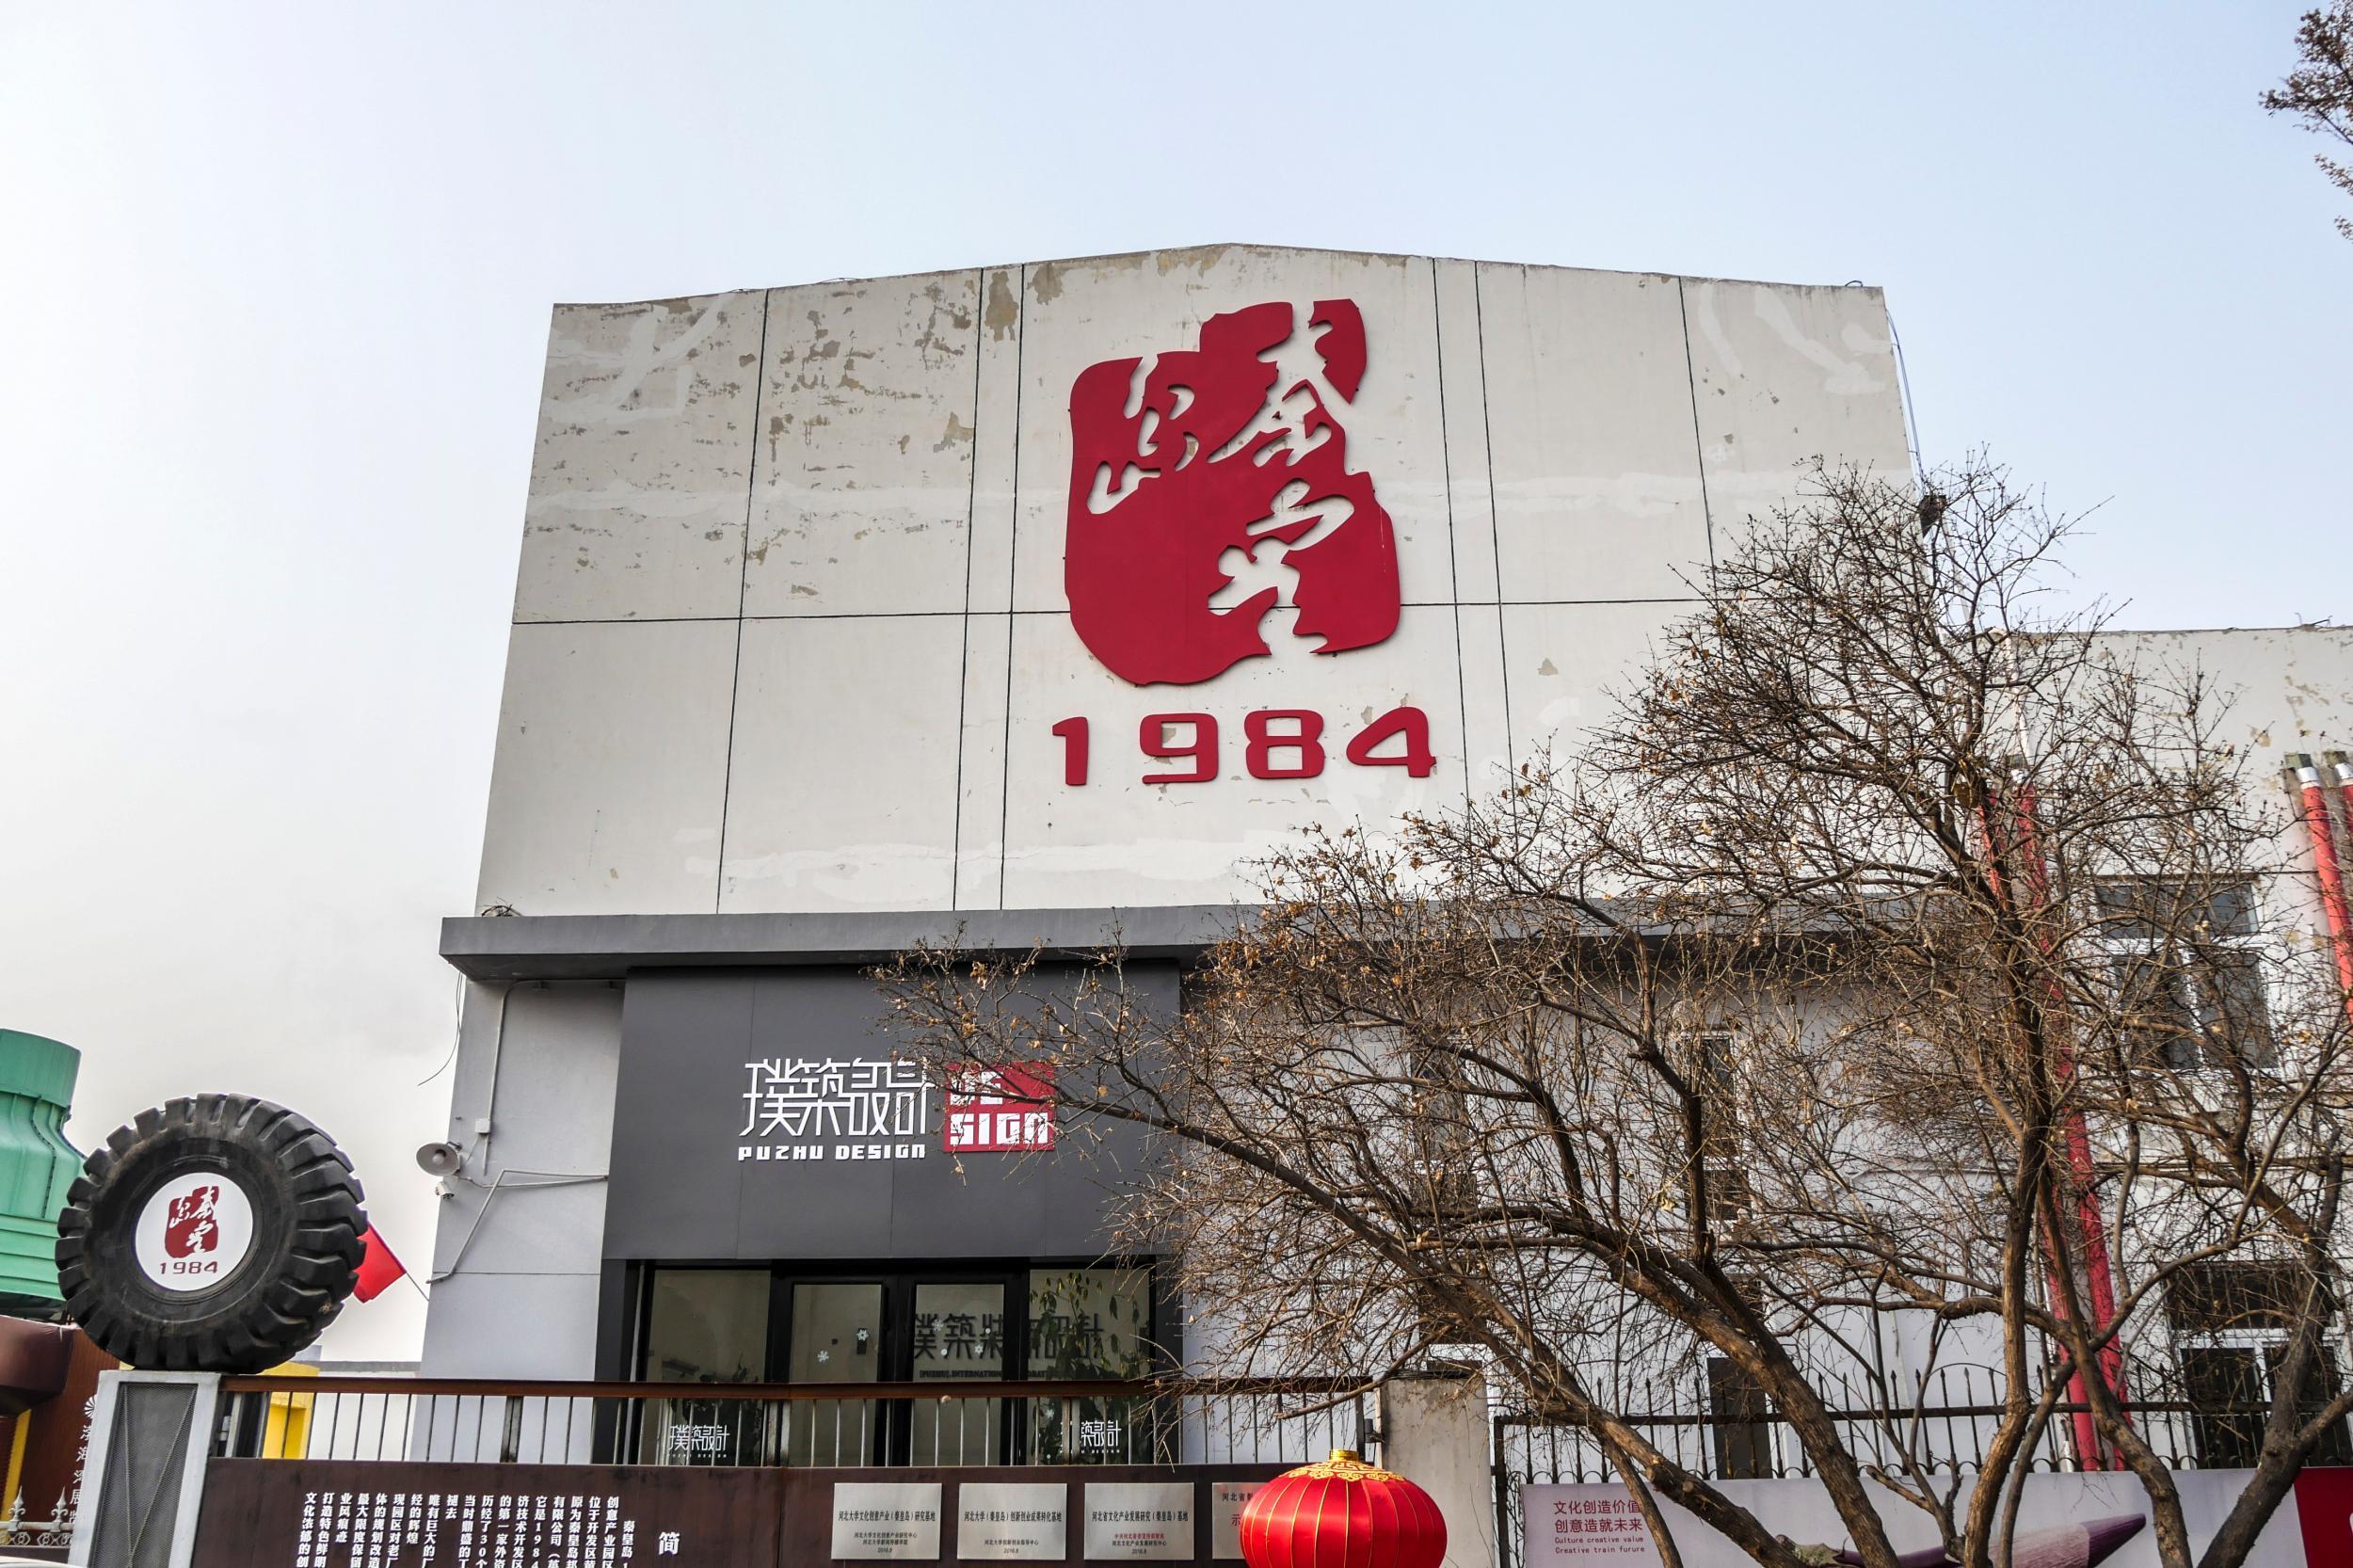 秦皇岛1984文化创意产业园区获省级殊荣